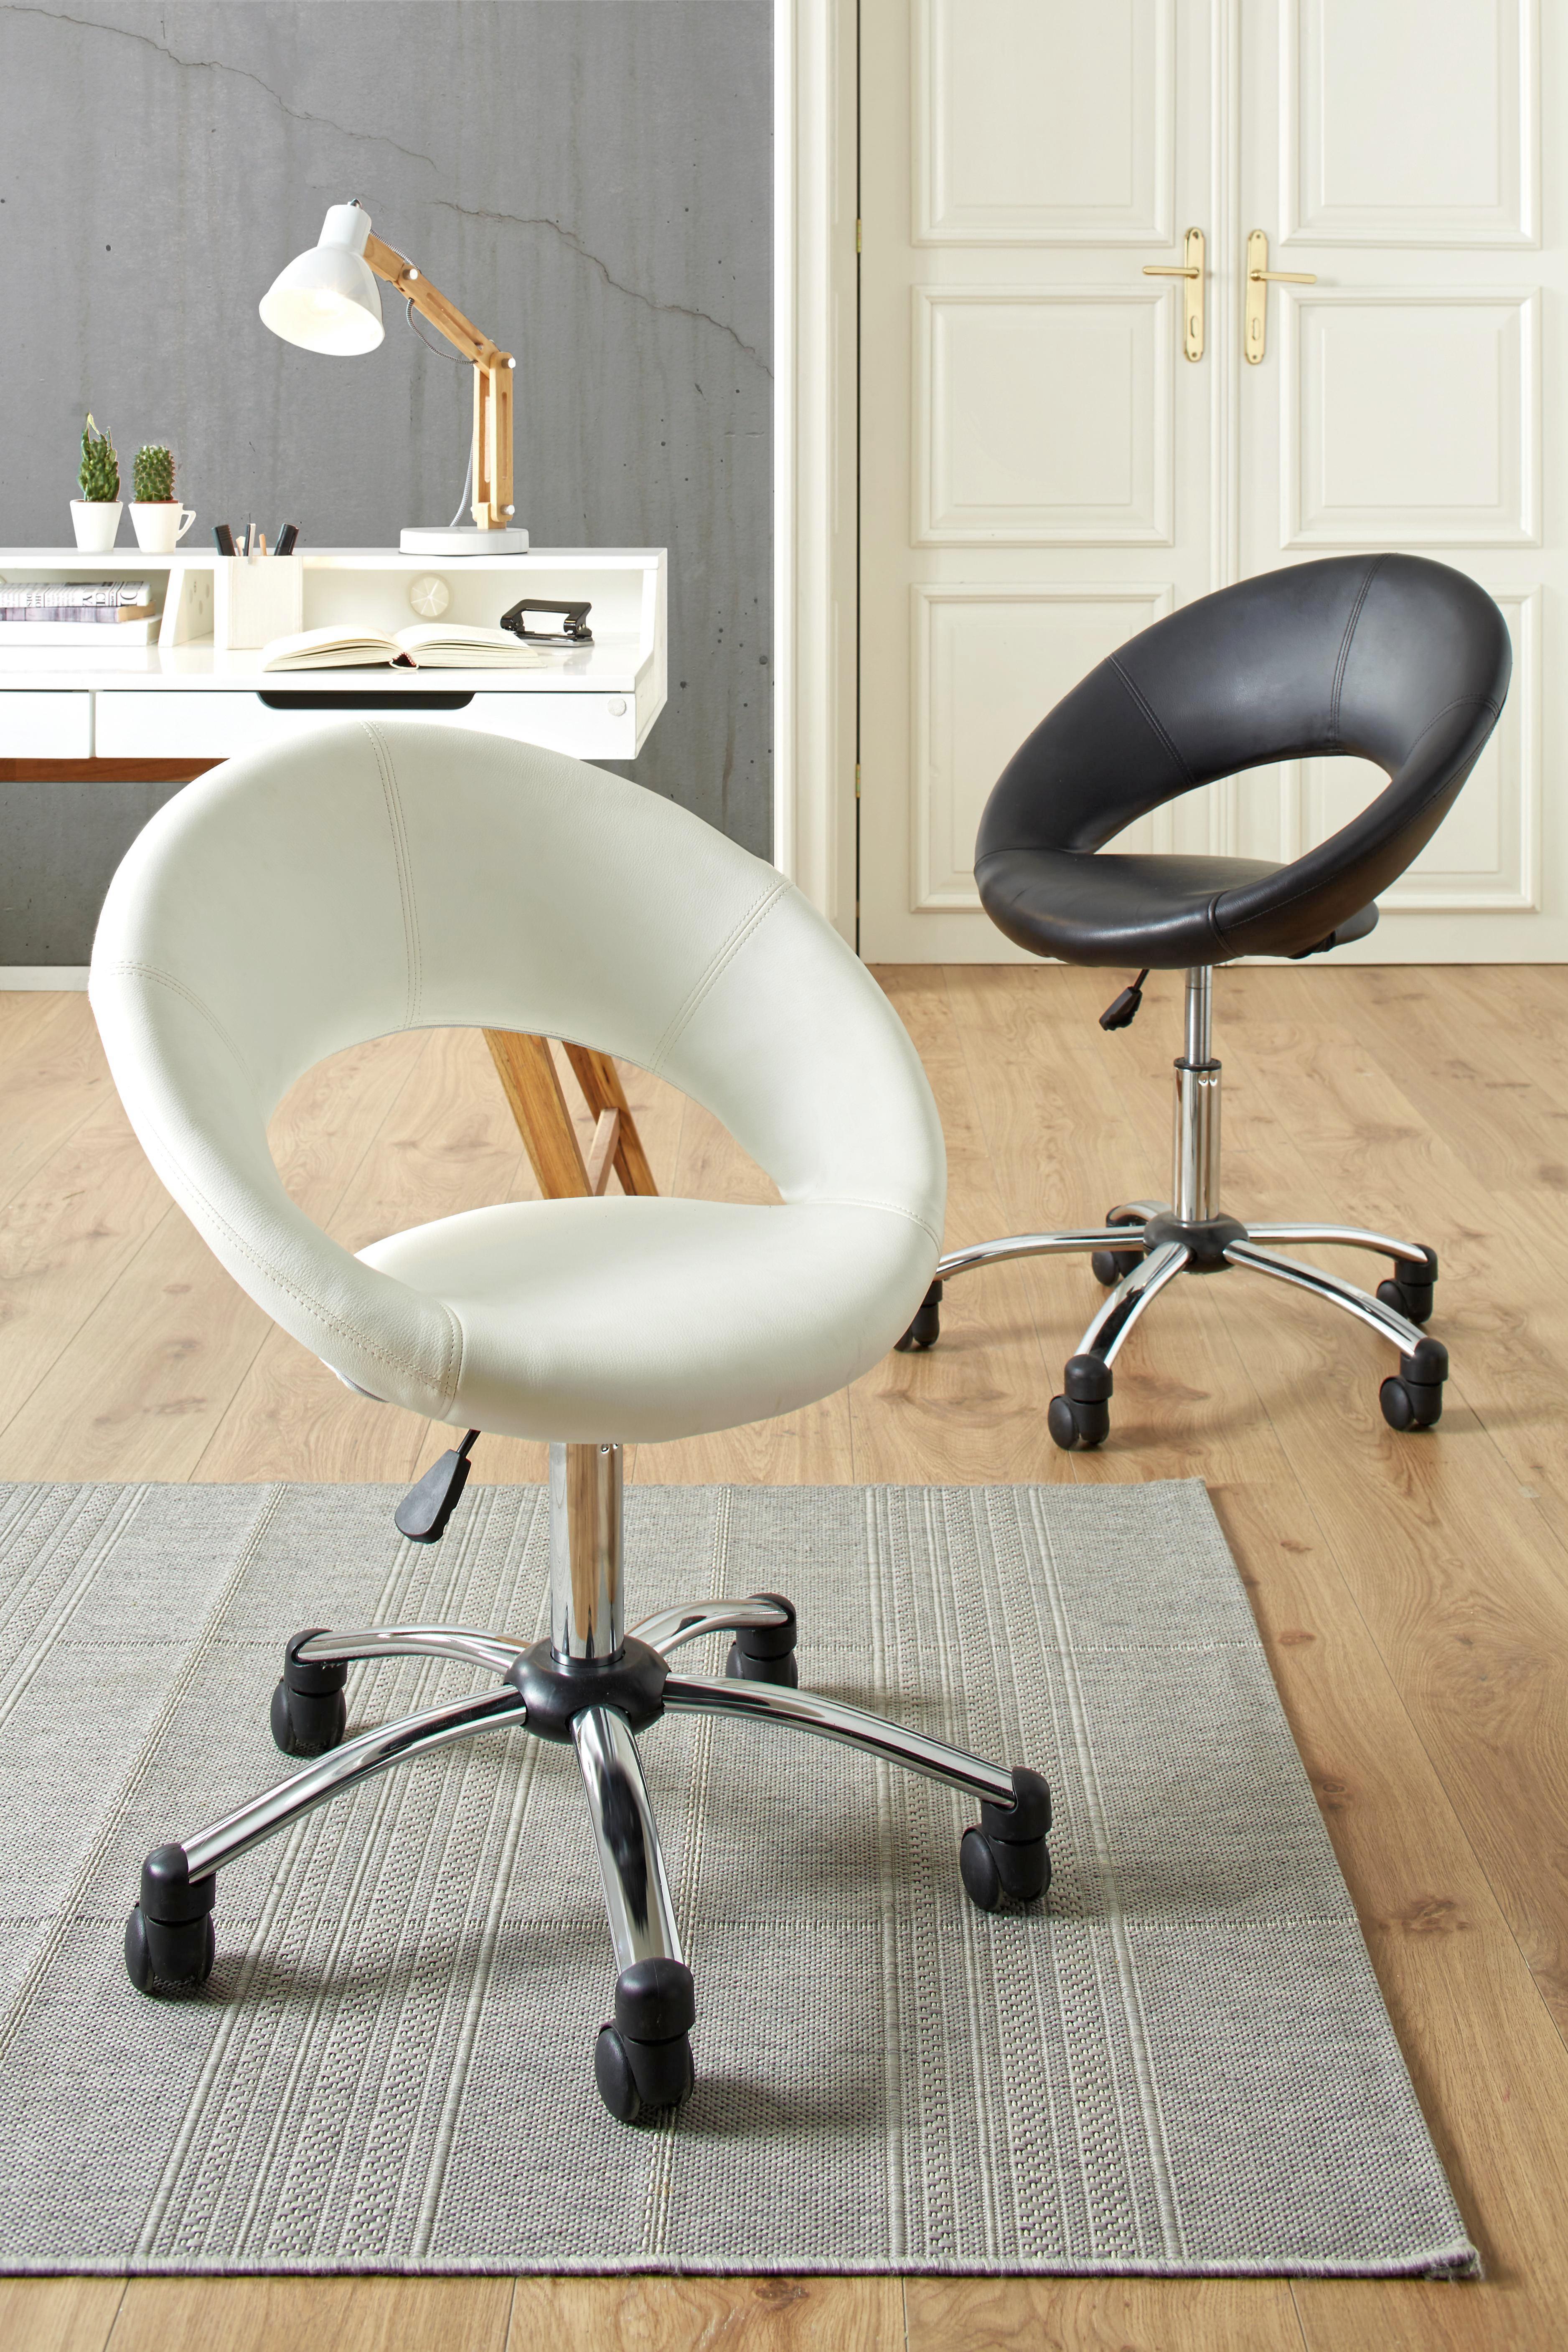 Psací Stůl Durham - bílá/hnědá, Moderní, dřevo/dřevěný materiál (110/85/58cm) - MÖMAX modern living